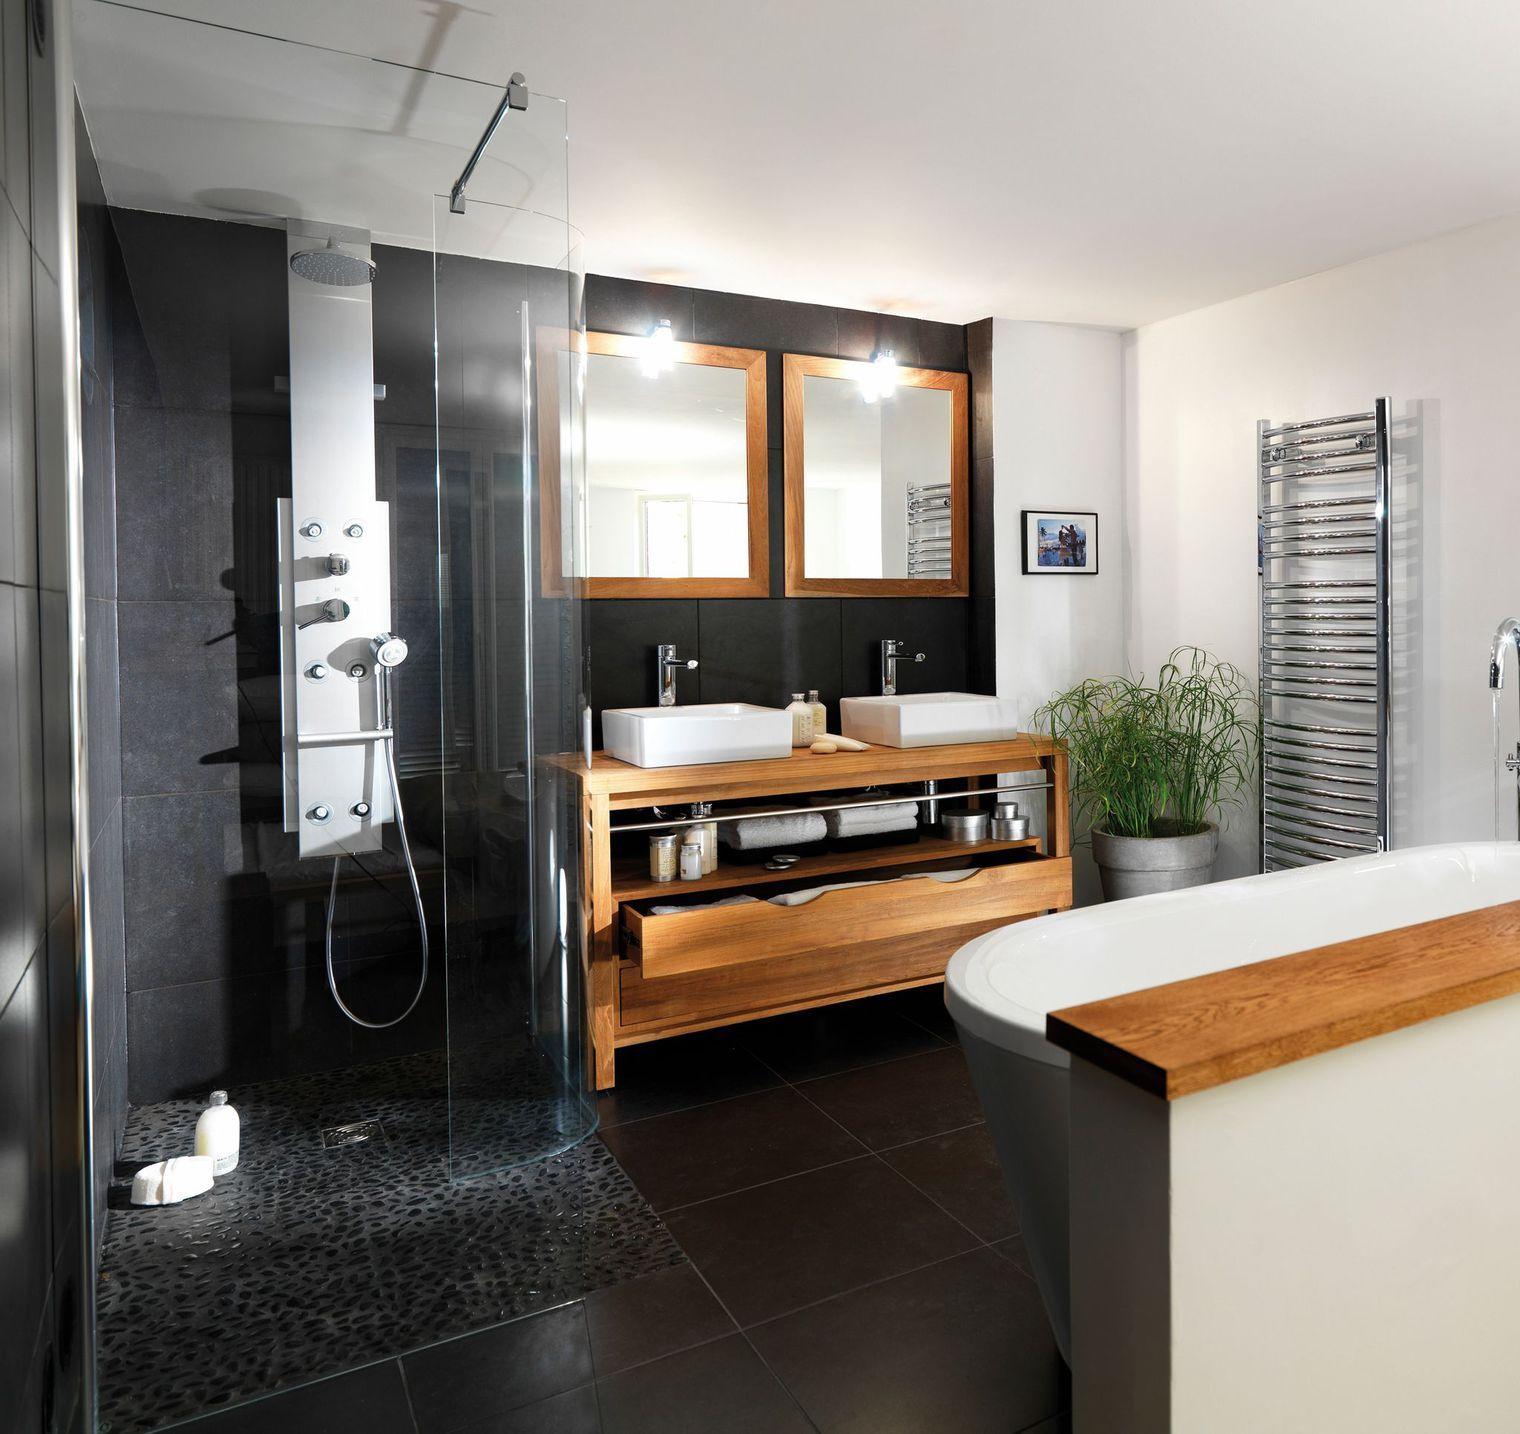 salle de bain noir et bois et lambris bois, carrelage mural gris ...